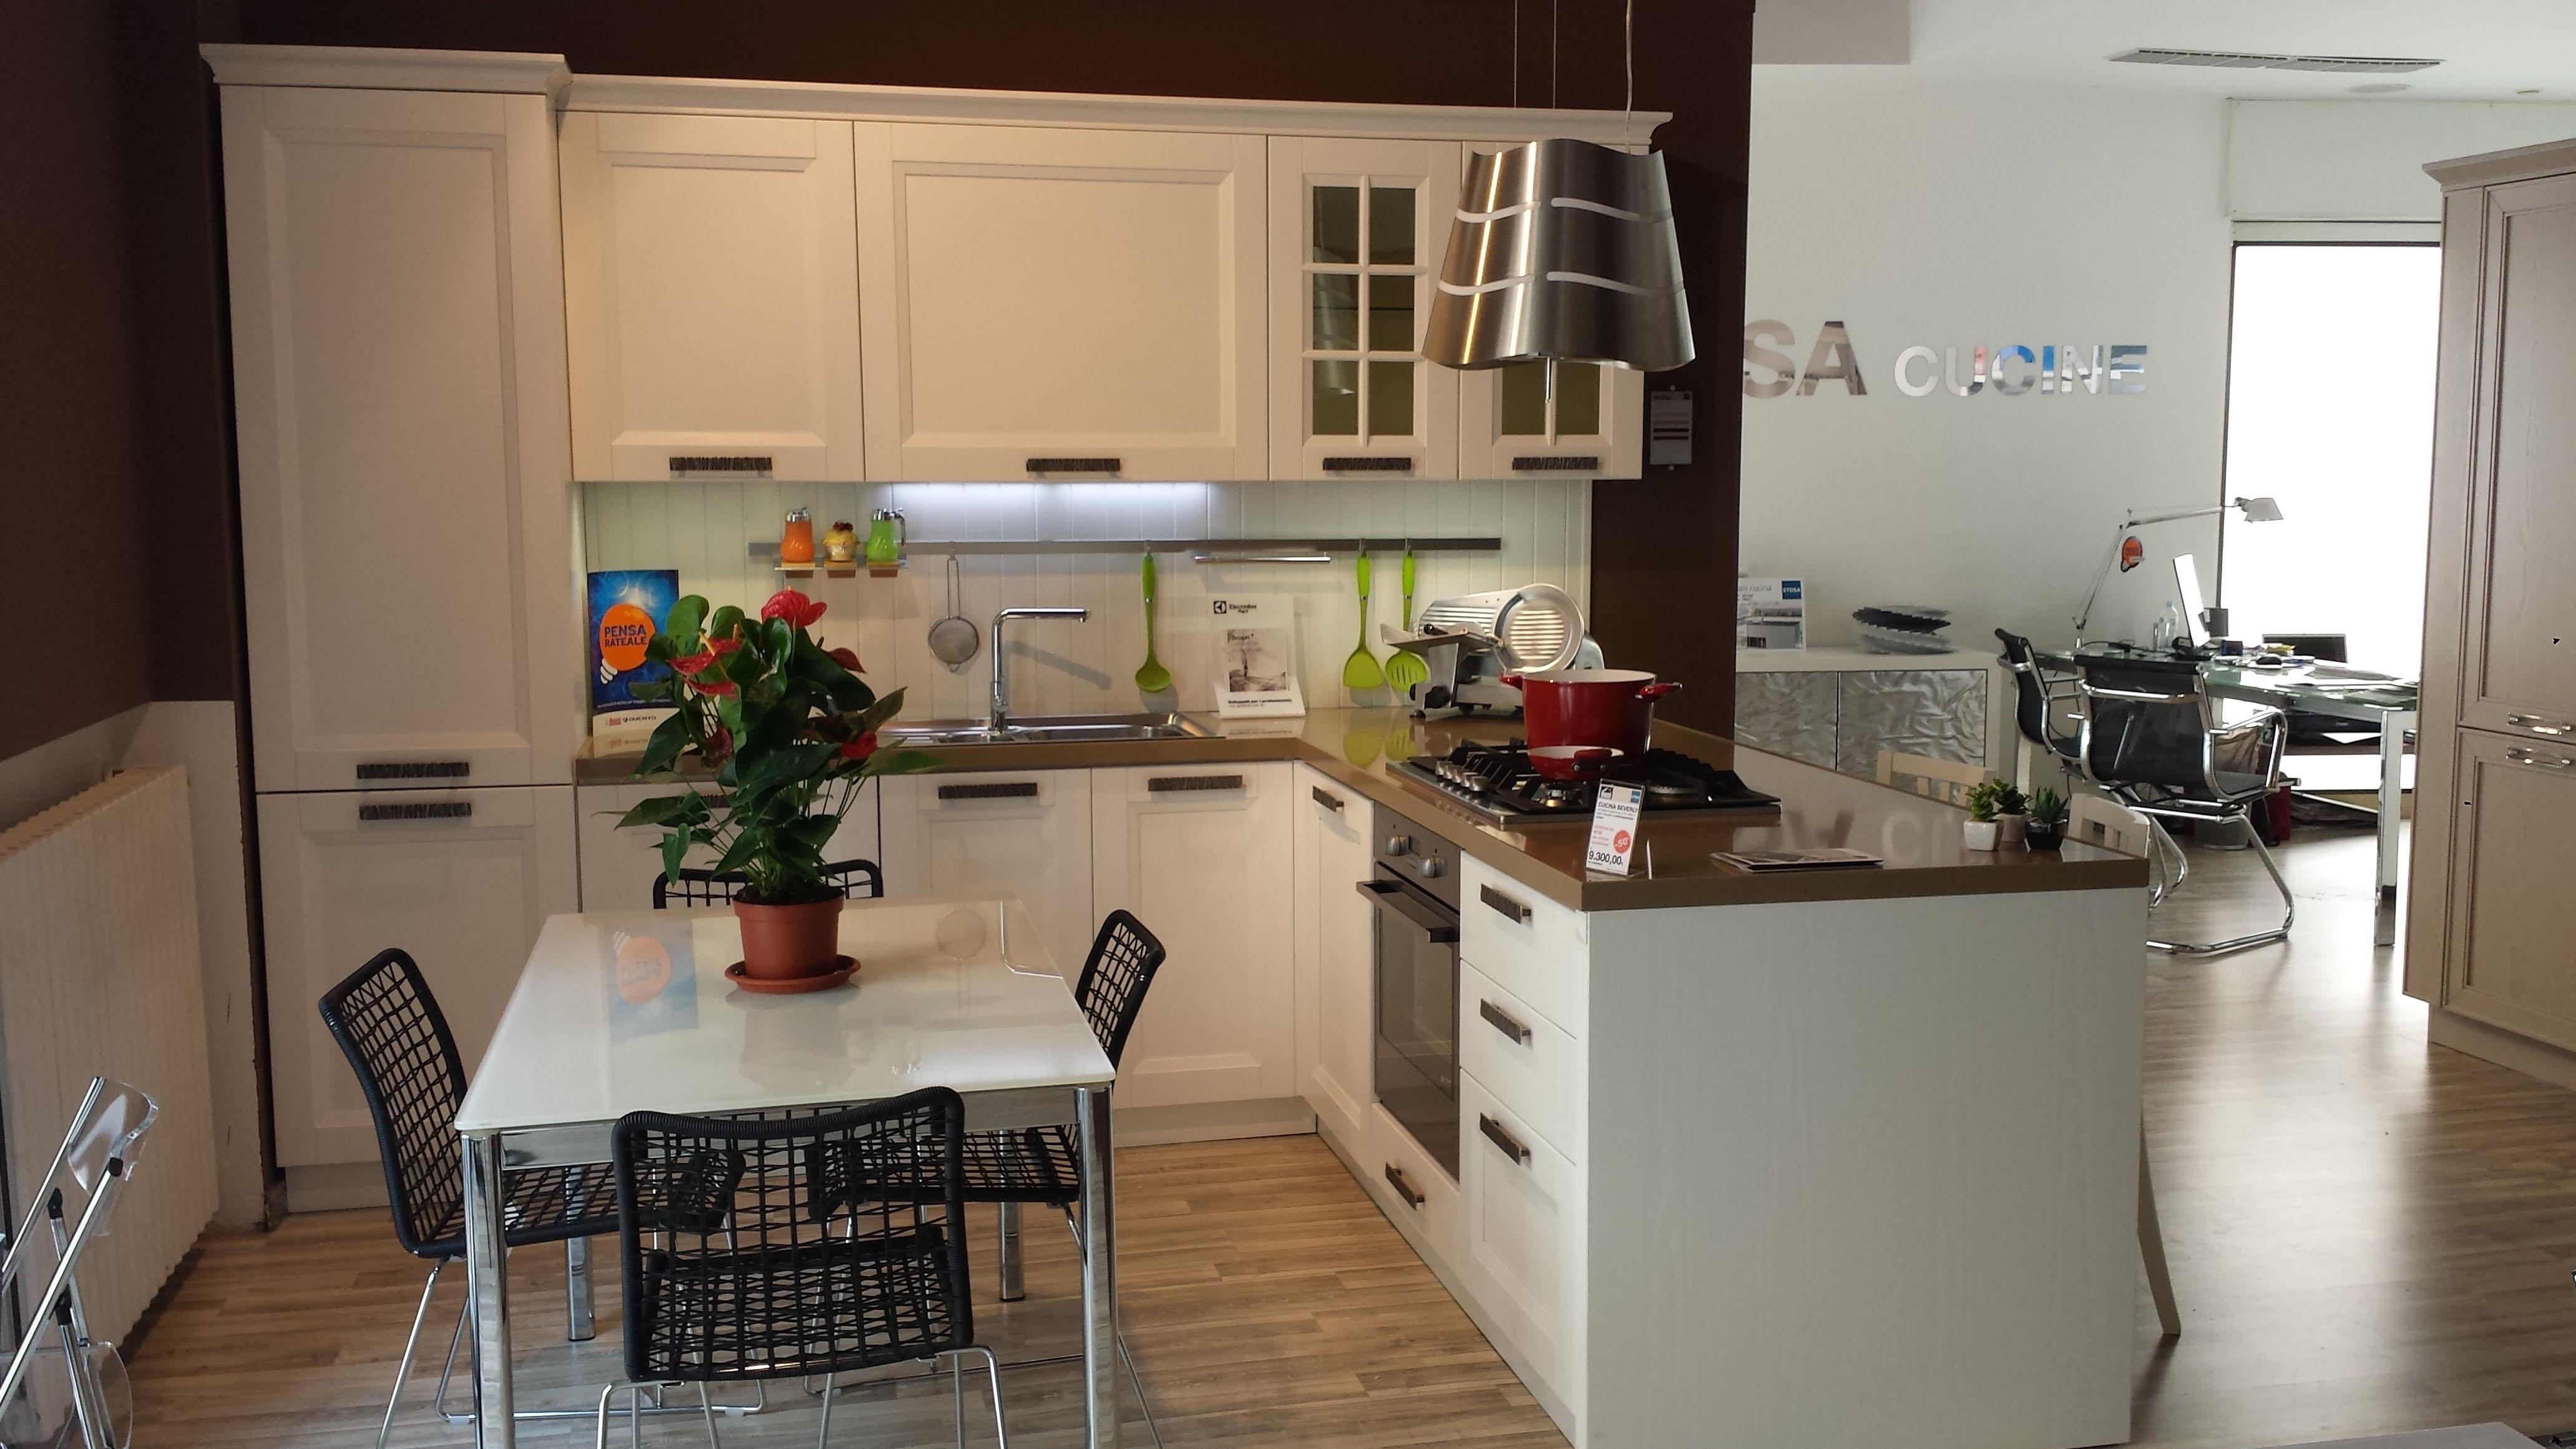 Cucina Contemporanea Bianca: Cucina stosa beverly in promozione cucine ...